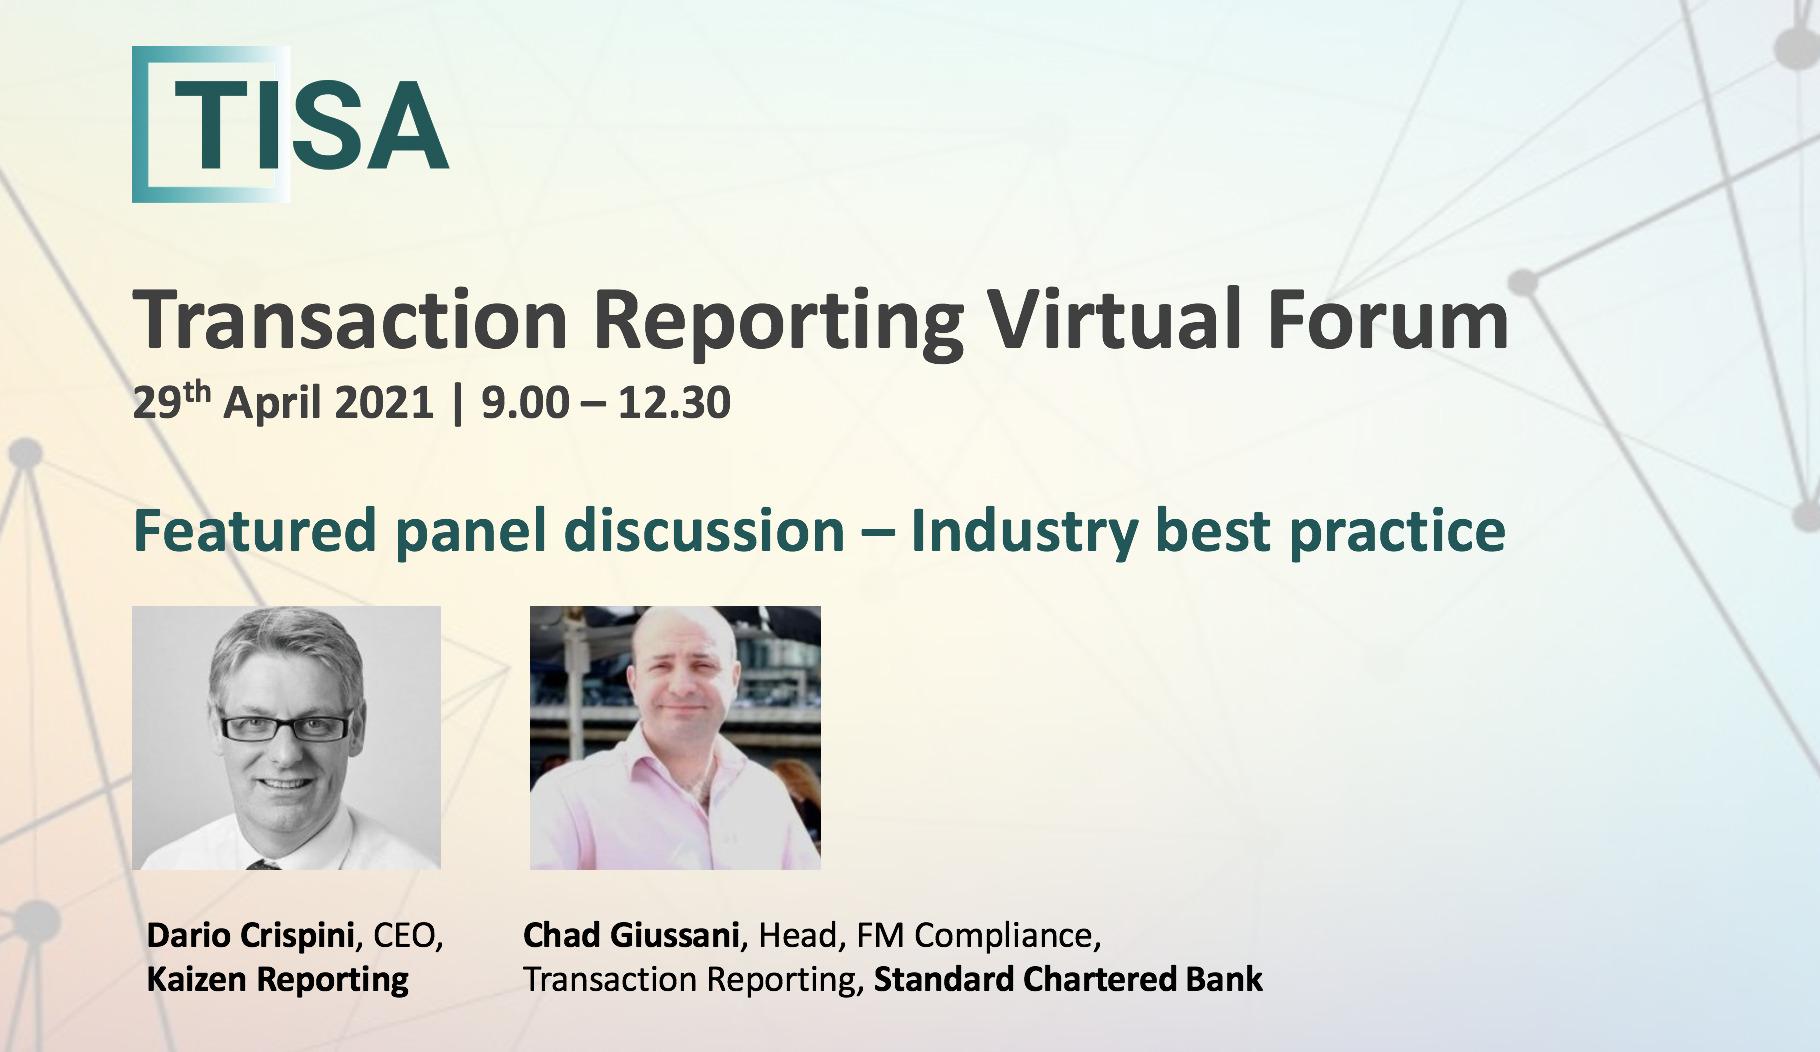 TISA Transaction Reporting Virtual Forum